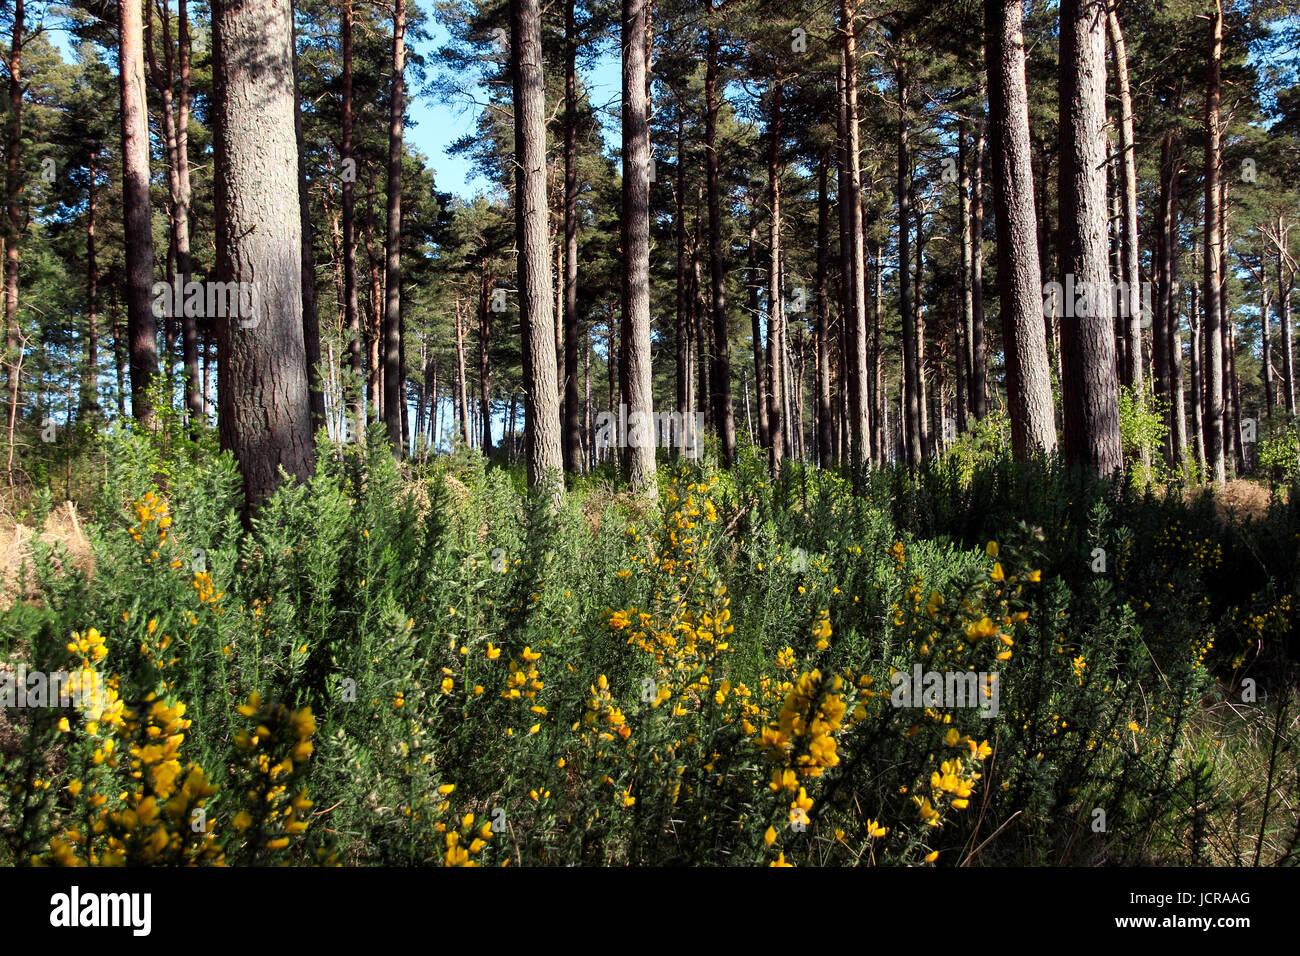 tentsmuir-forest-tentsmuir-point-scotlan